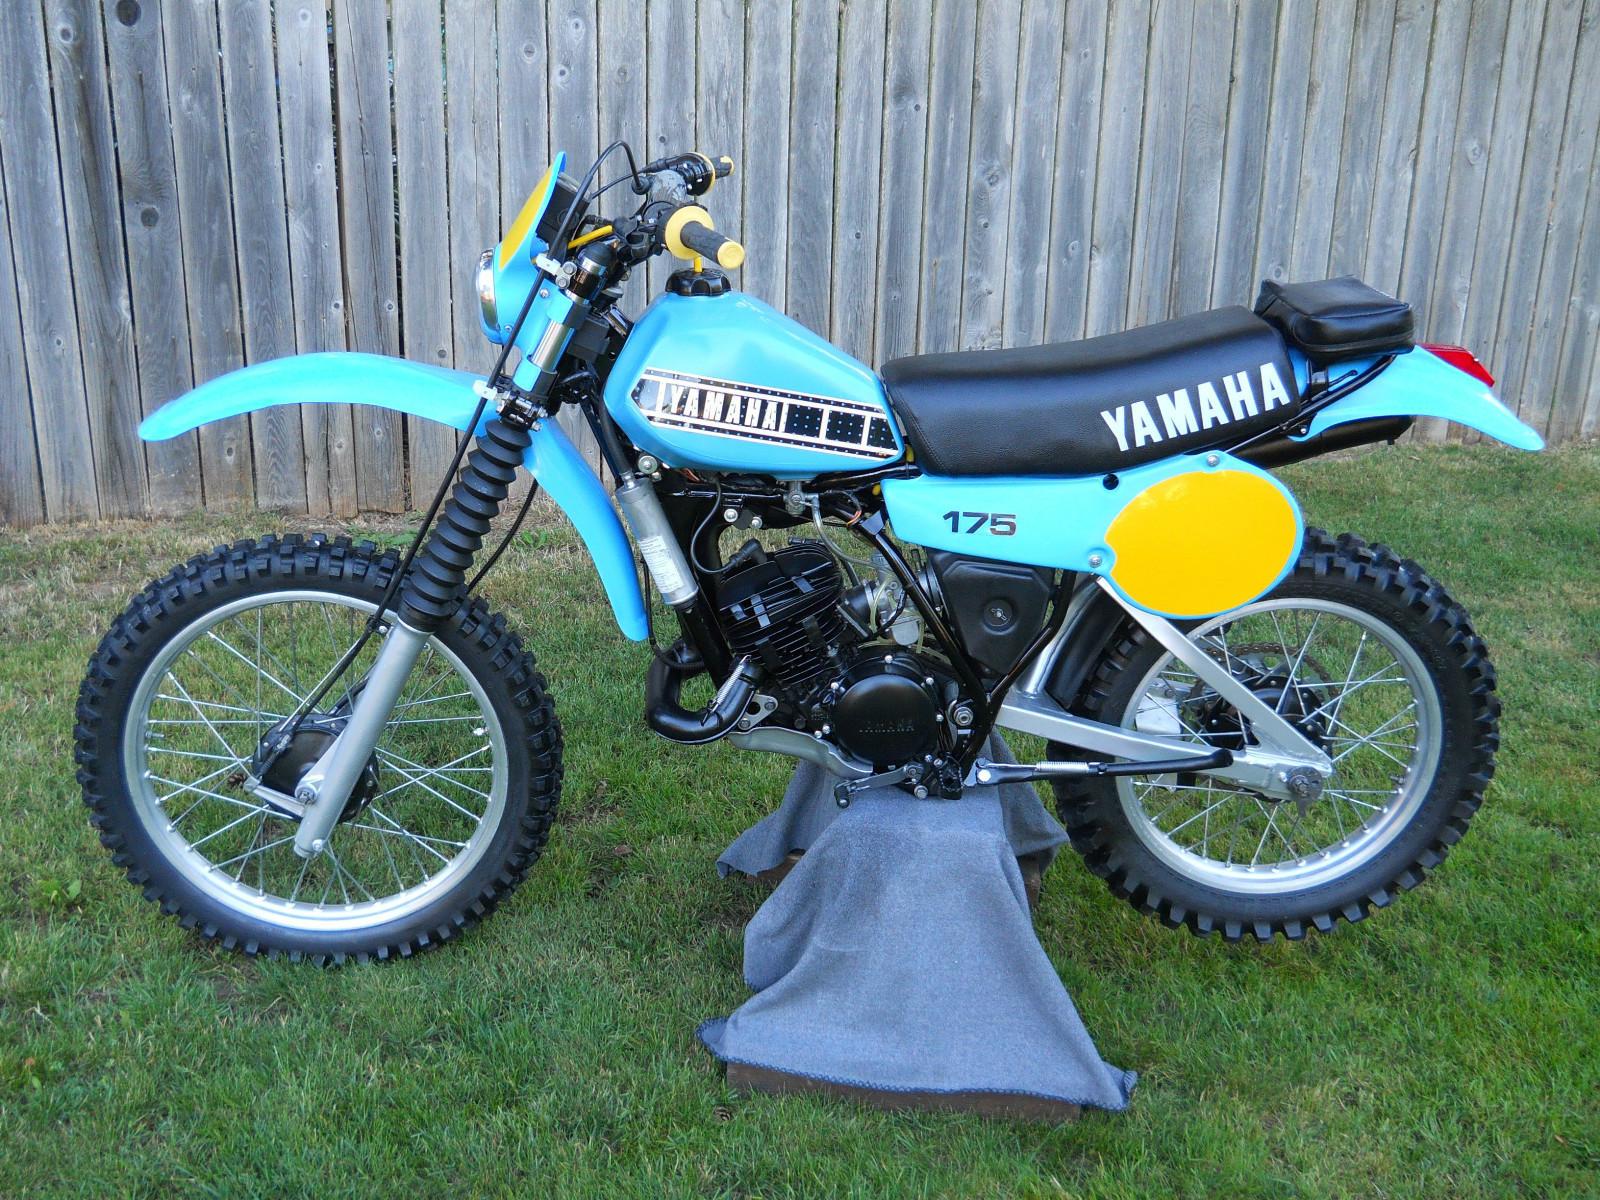 Yamaha IT175 -1980